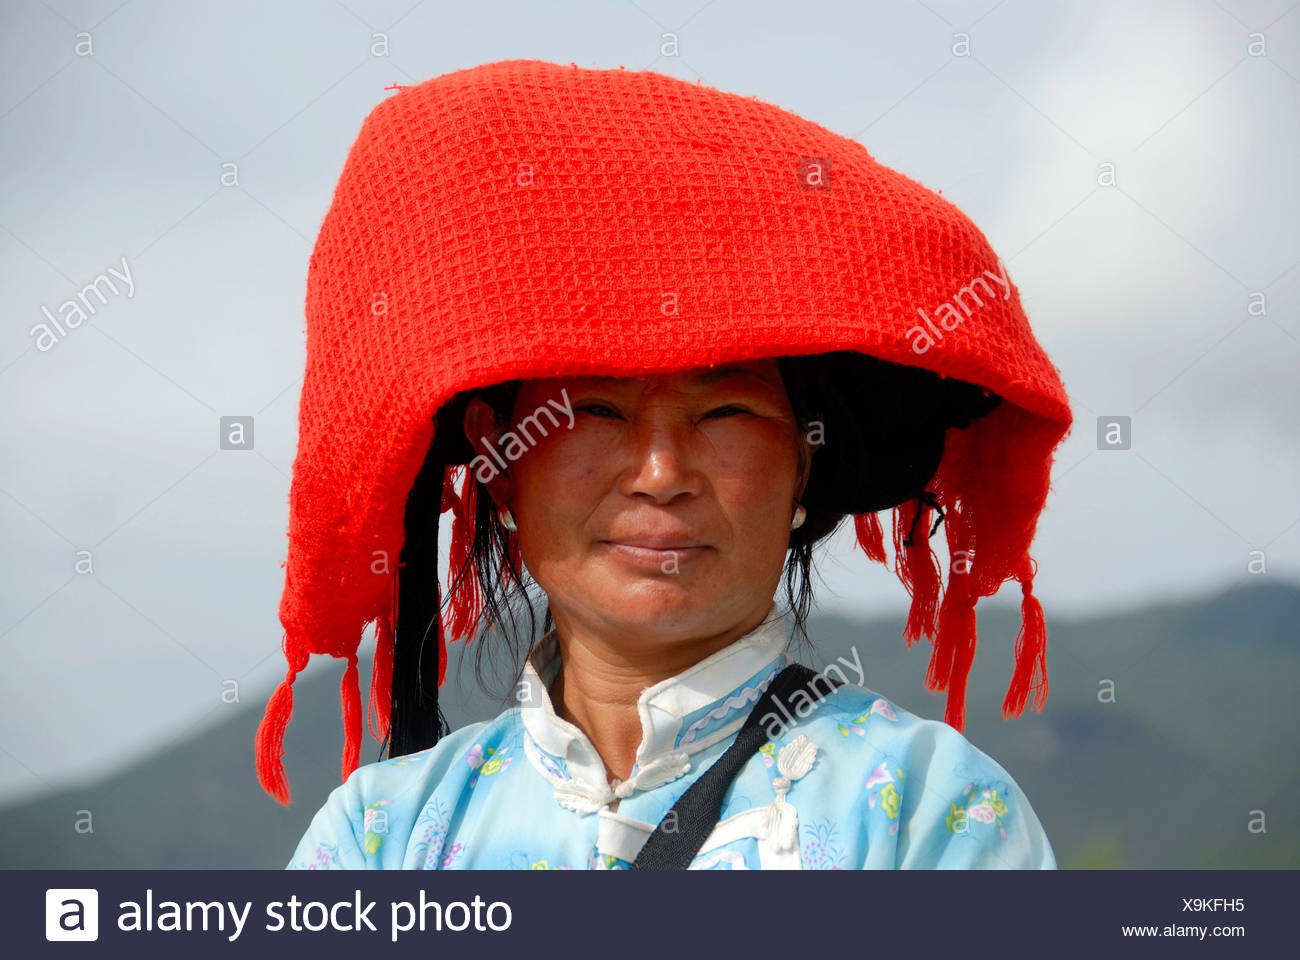 Porträt, Ethnologie, Frau von der Mosu Ethnie, leuchtend roter Schal als eine Kopfbedeckung, Luoshui, Lugu Hu See, Provinz Yunnan, Stockbild